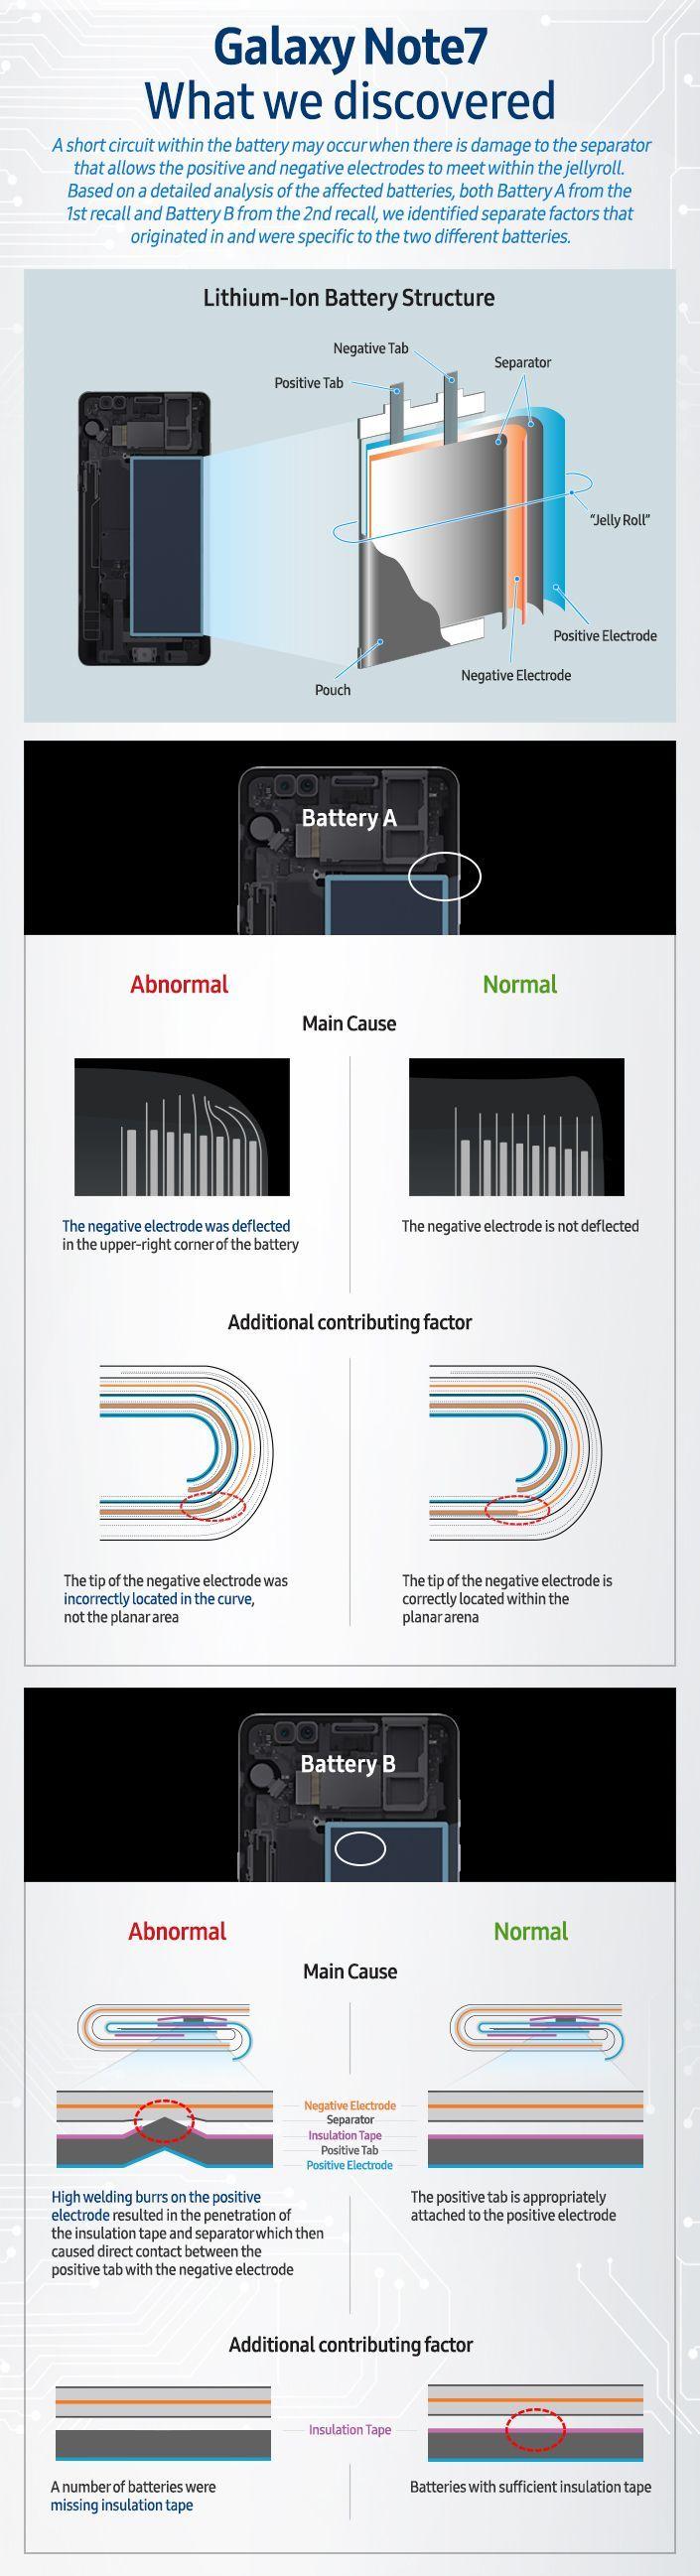 Inilah Penyebab Kenapa Galaxy Note 7 Terbakar!